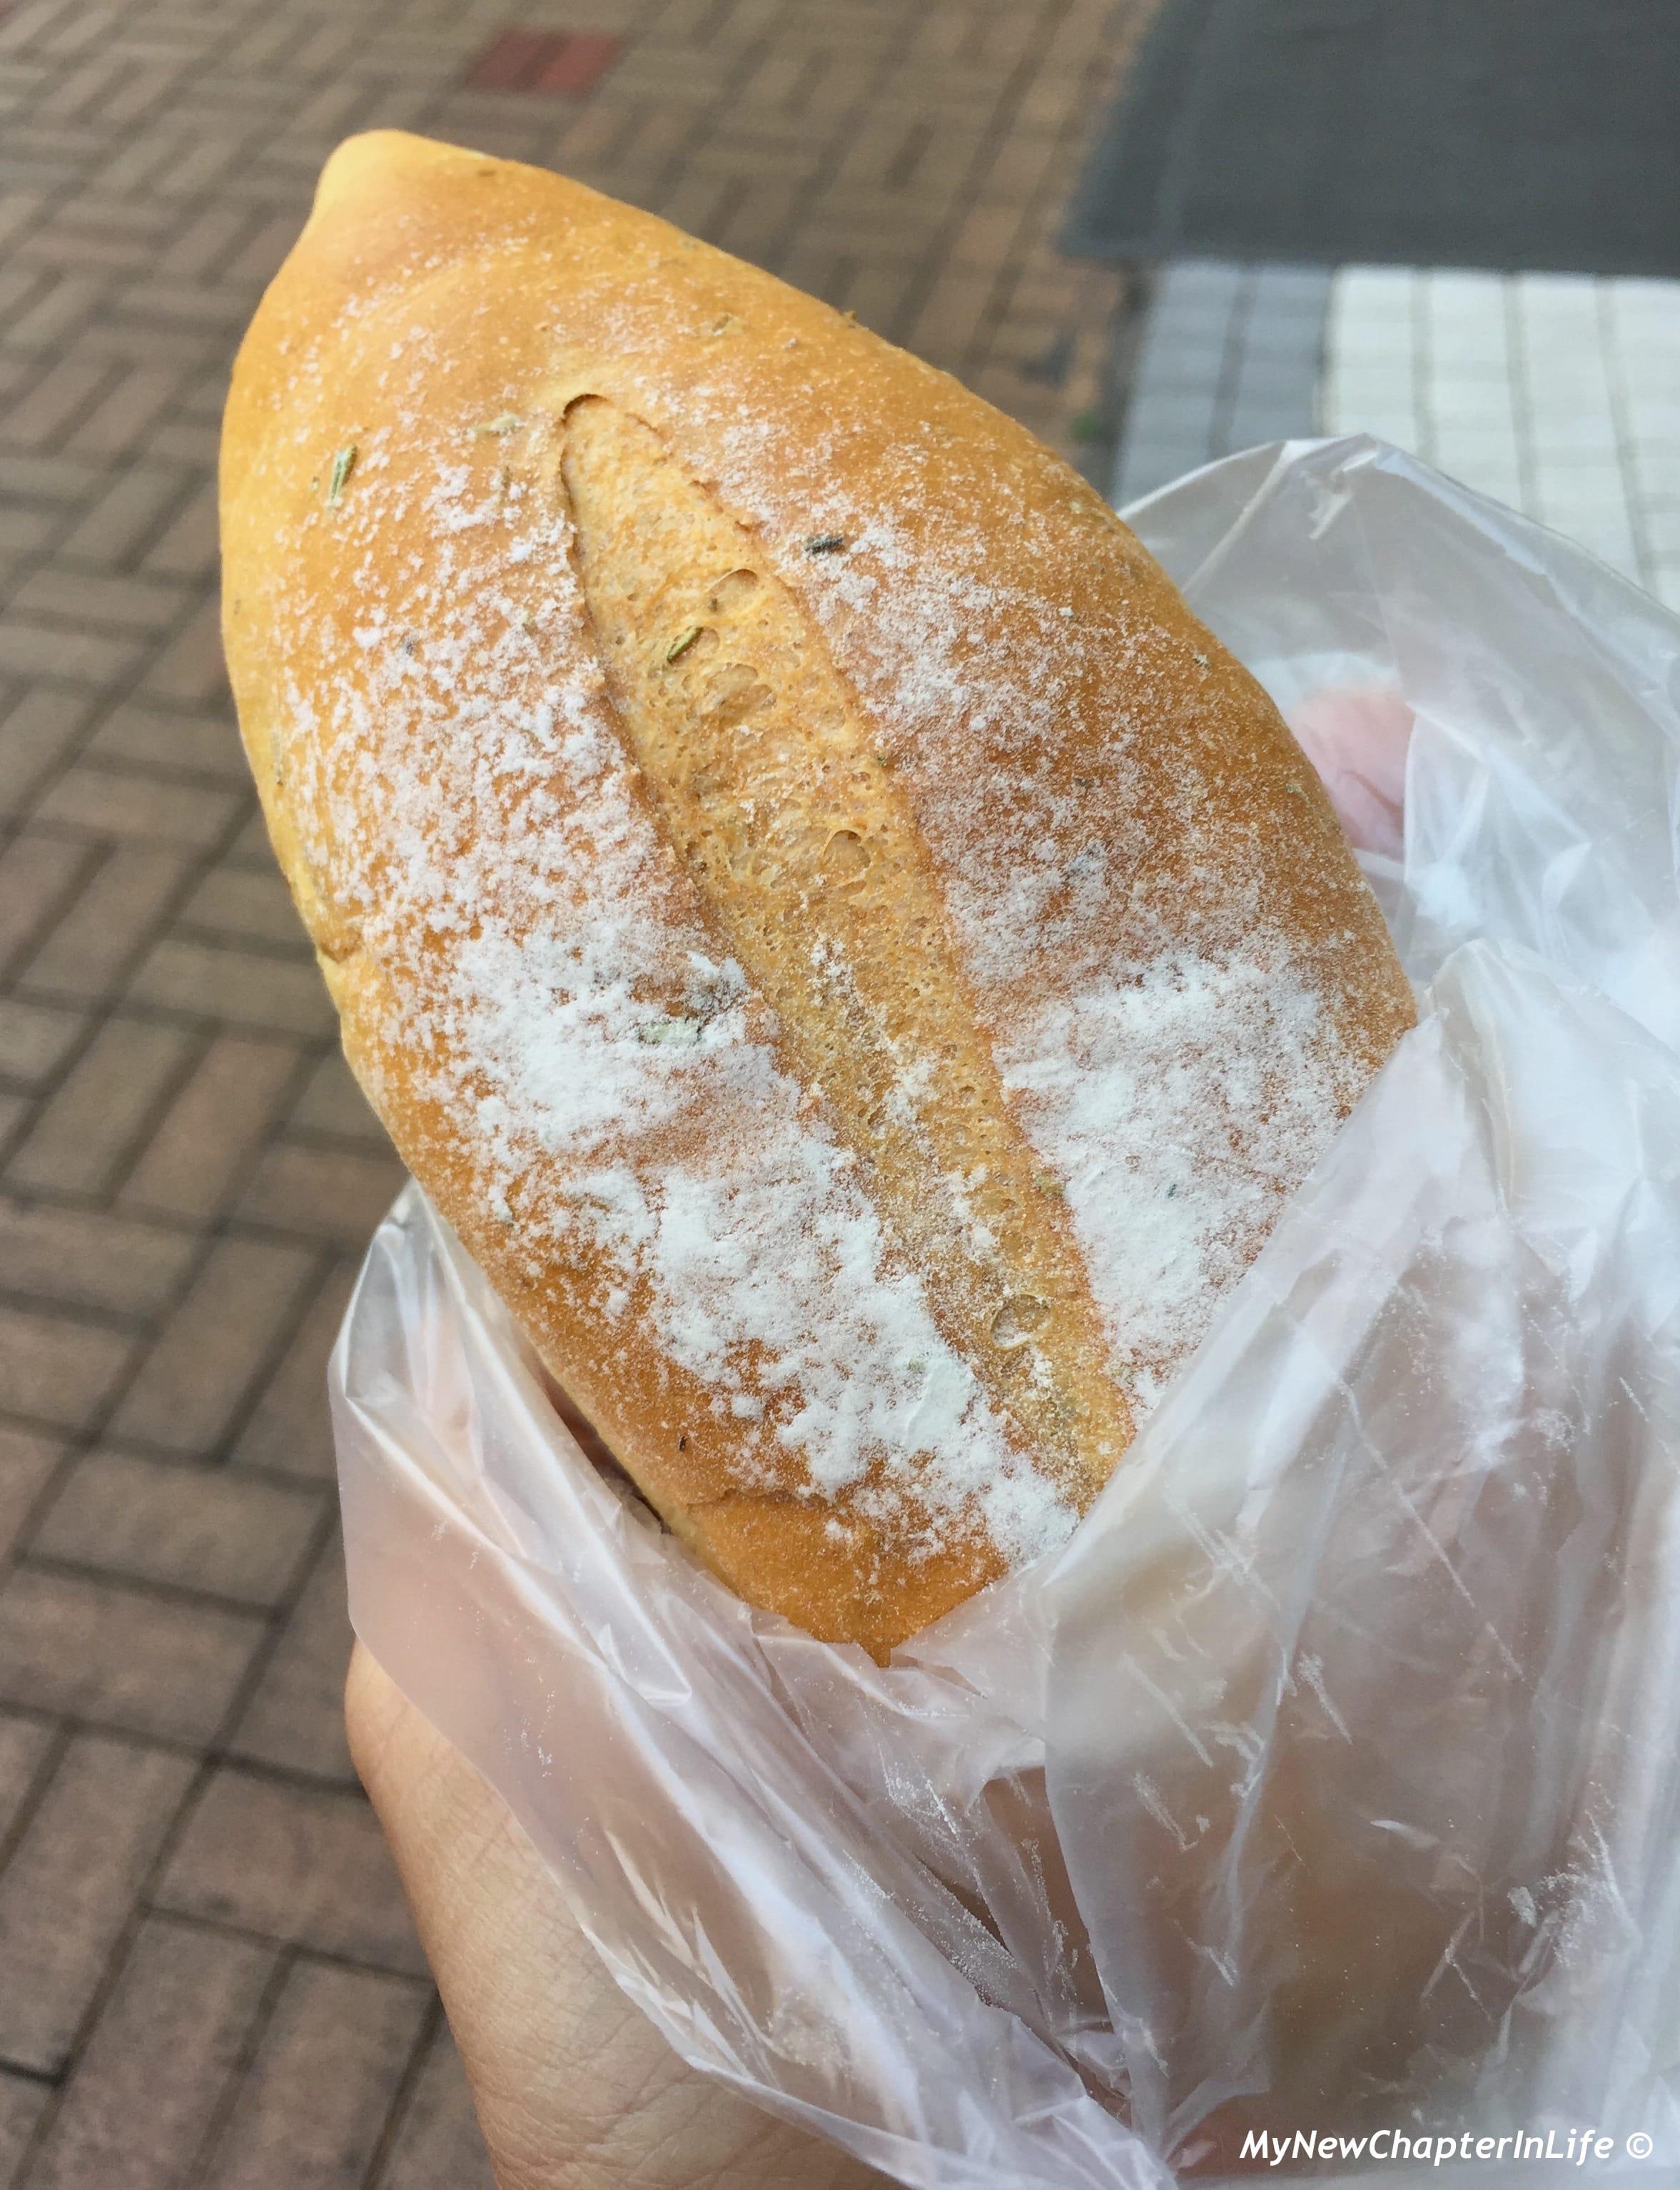 香草軟包 Olive Oil Bread with Herbs